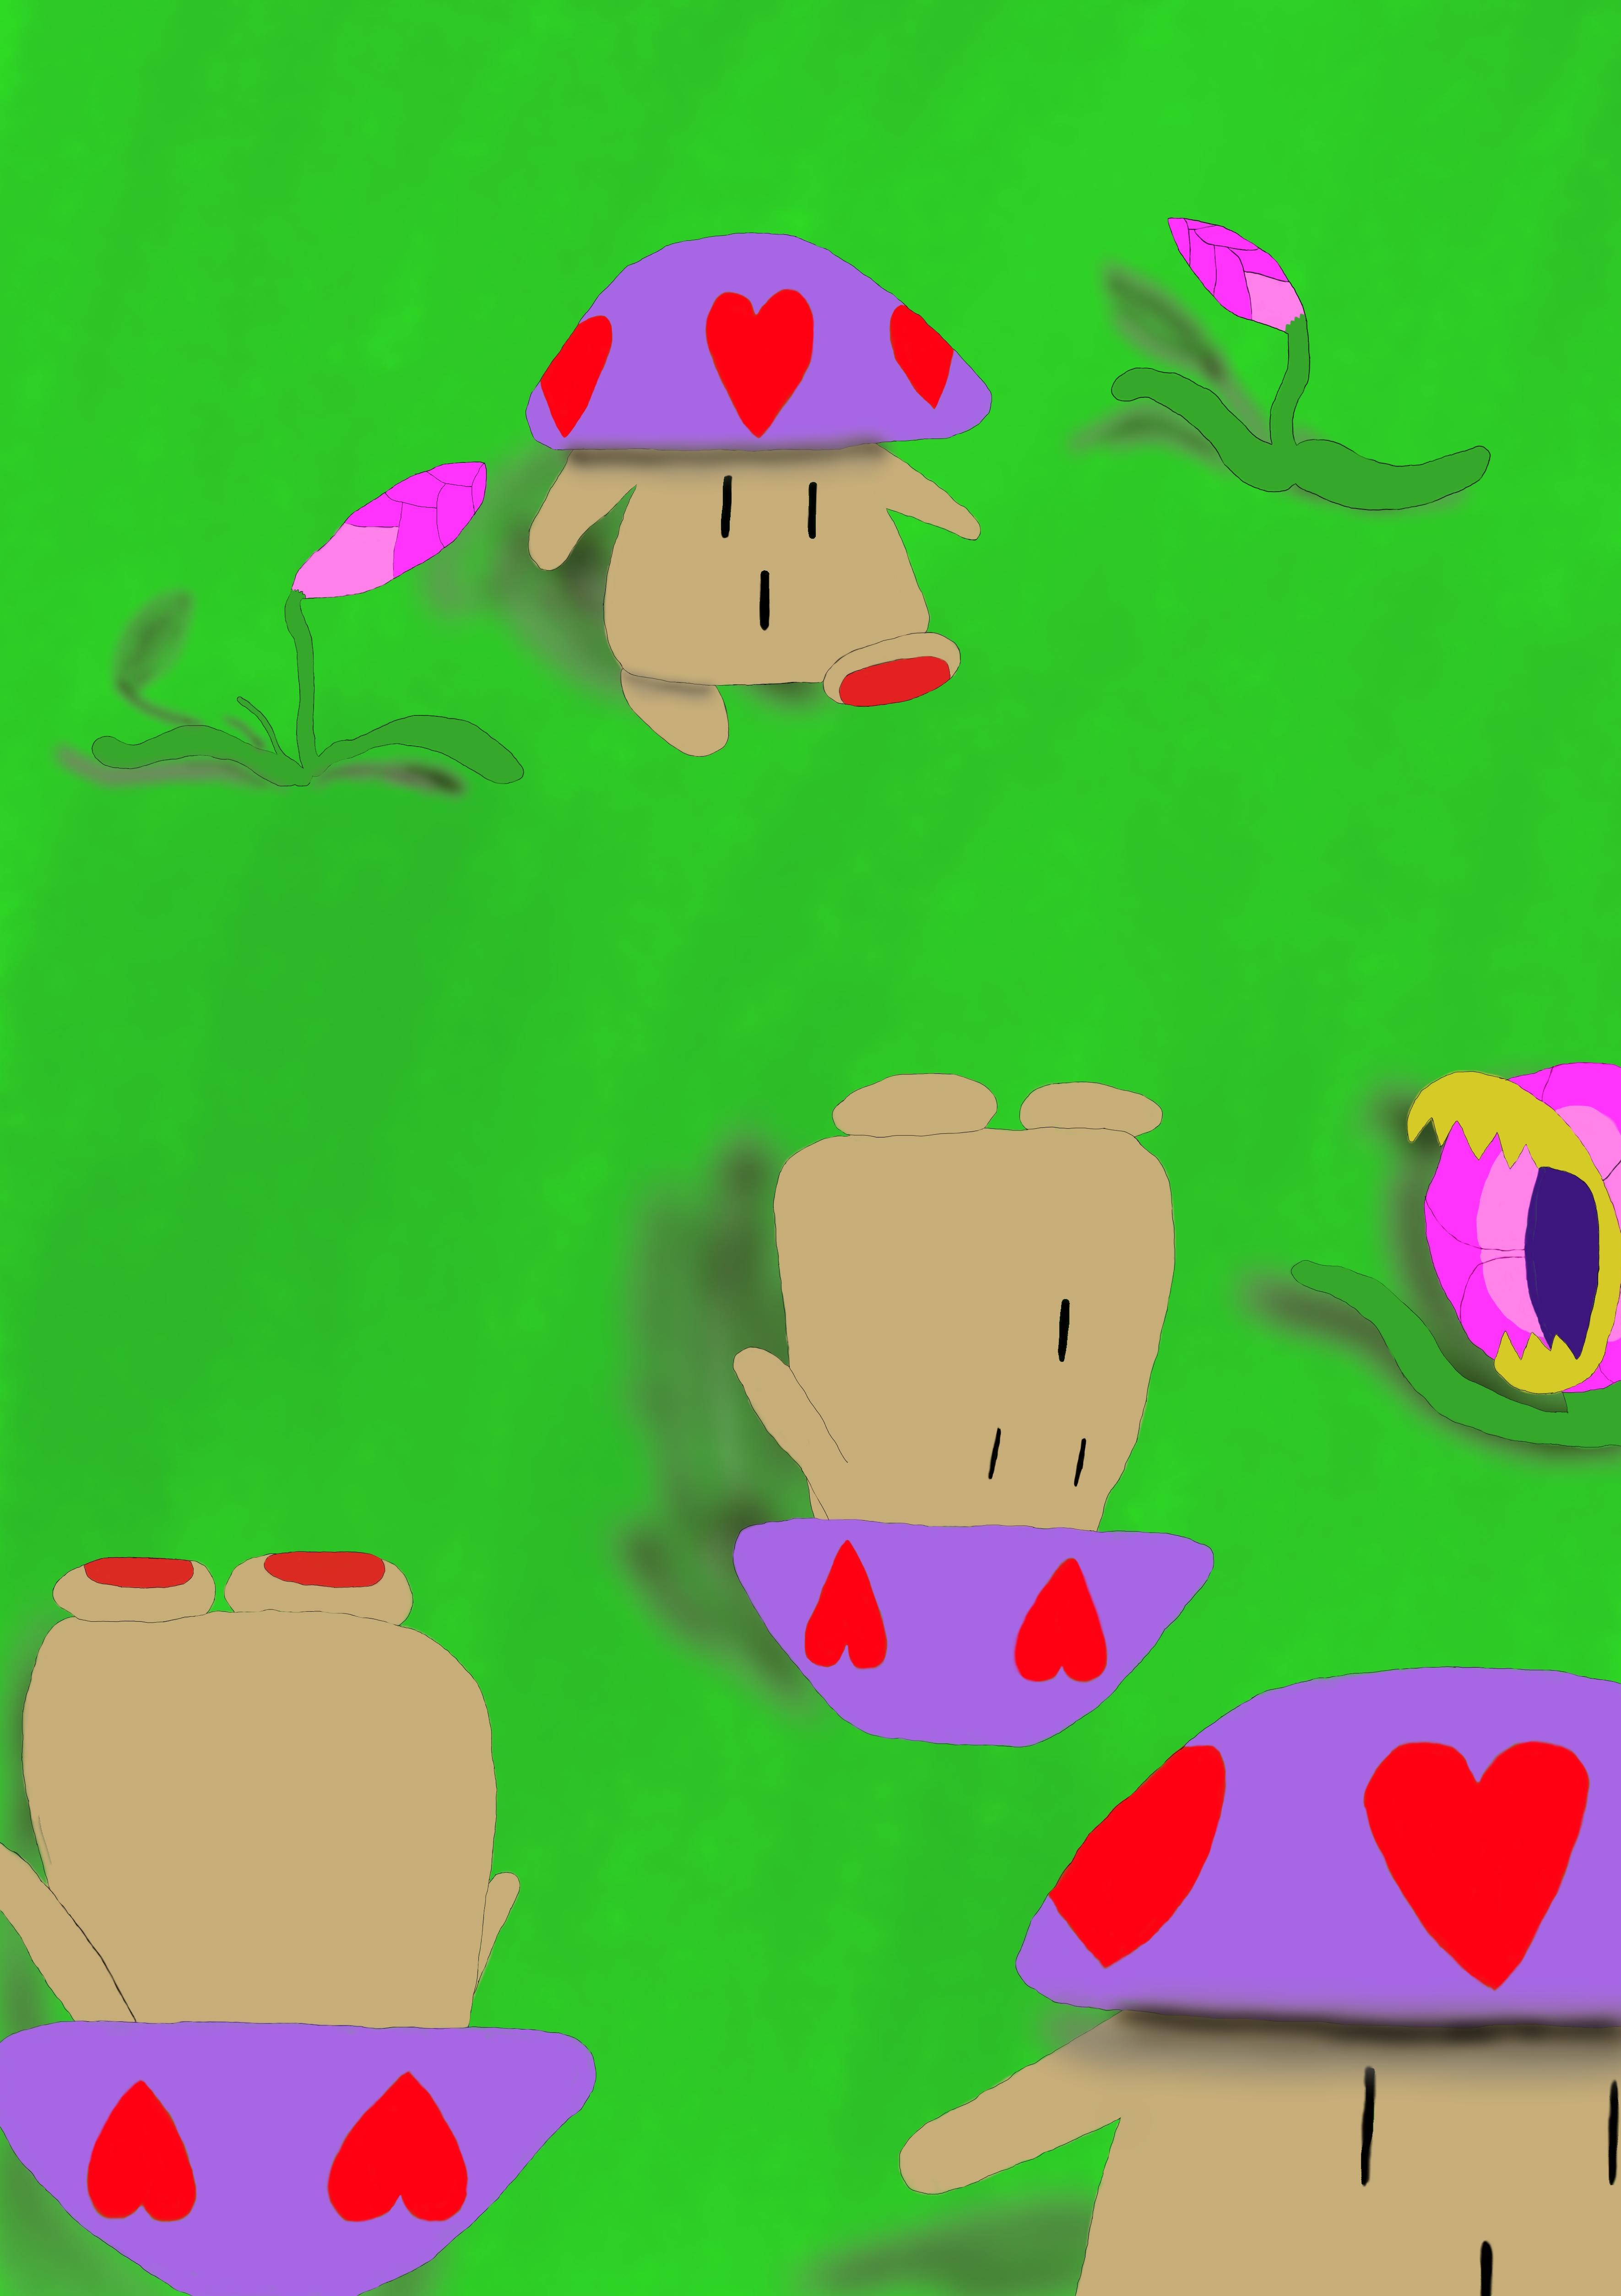 Spinning Mushrooms